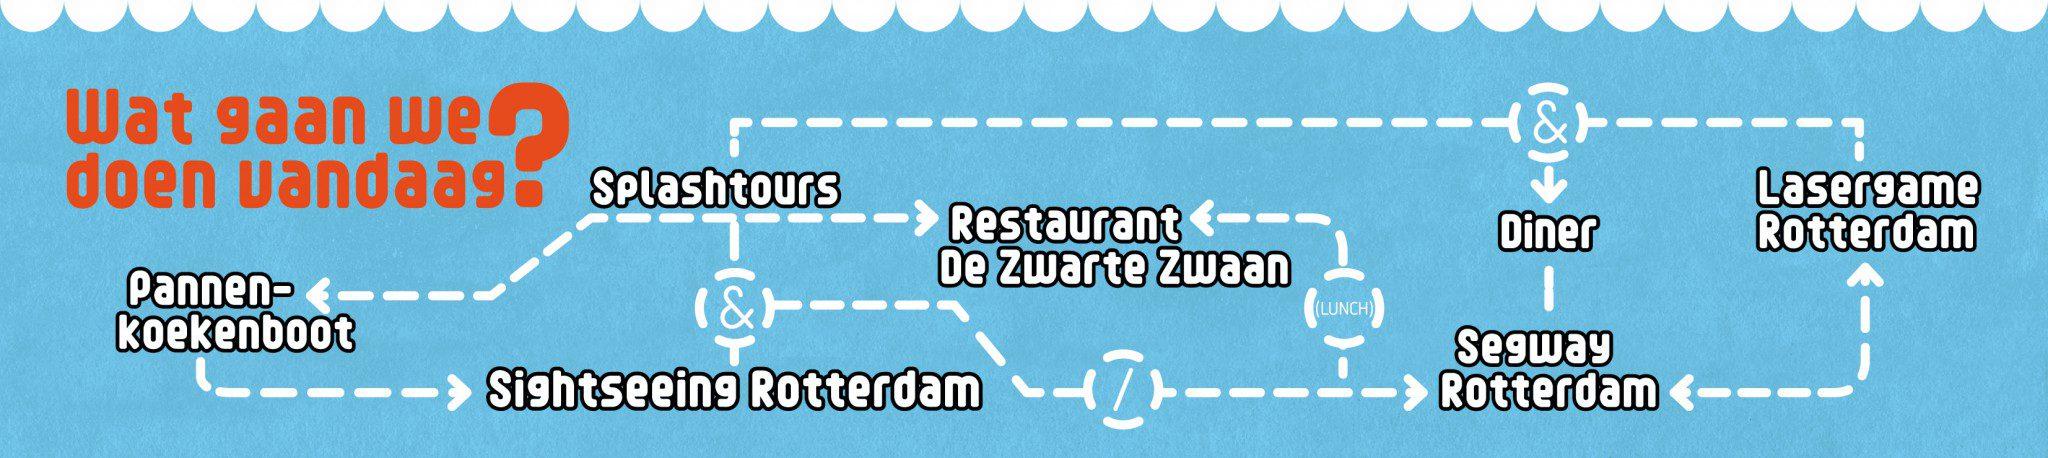 ZZE_Stroomschema_A3-dec20152, Combineren, restaurant de zwarte zwaan, activiteiten in Rotterdam